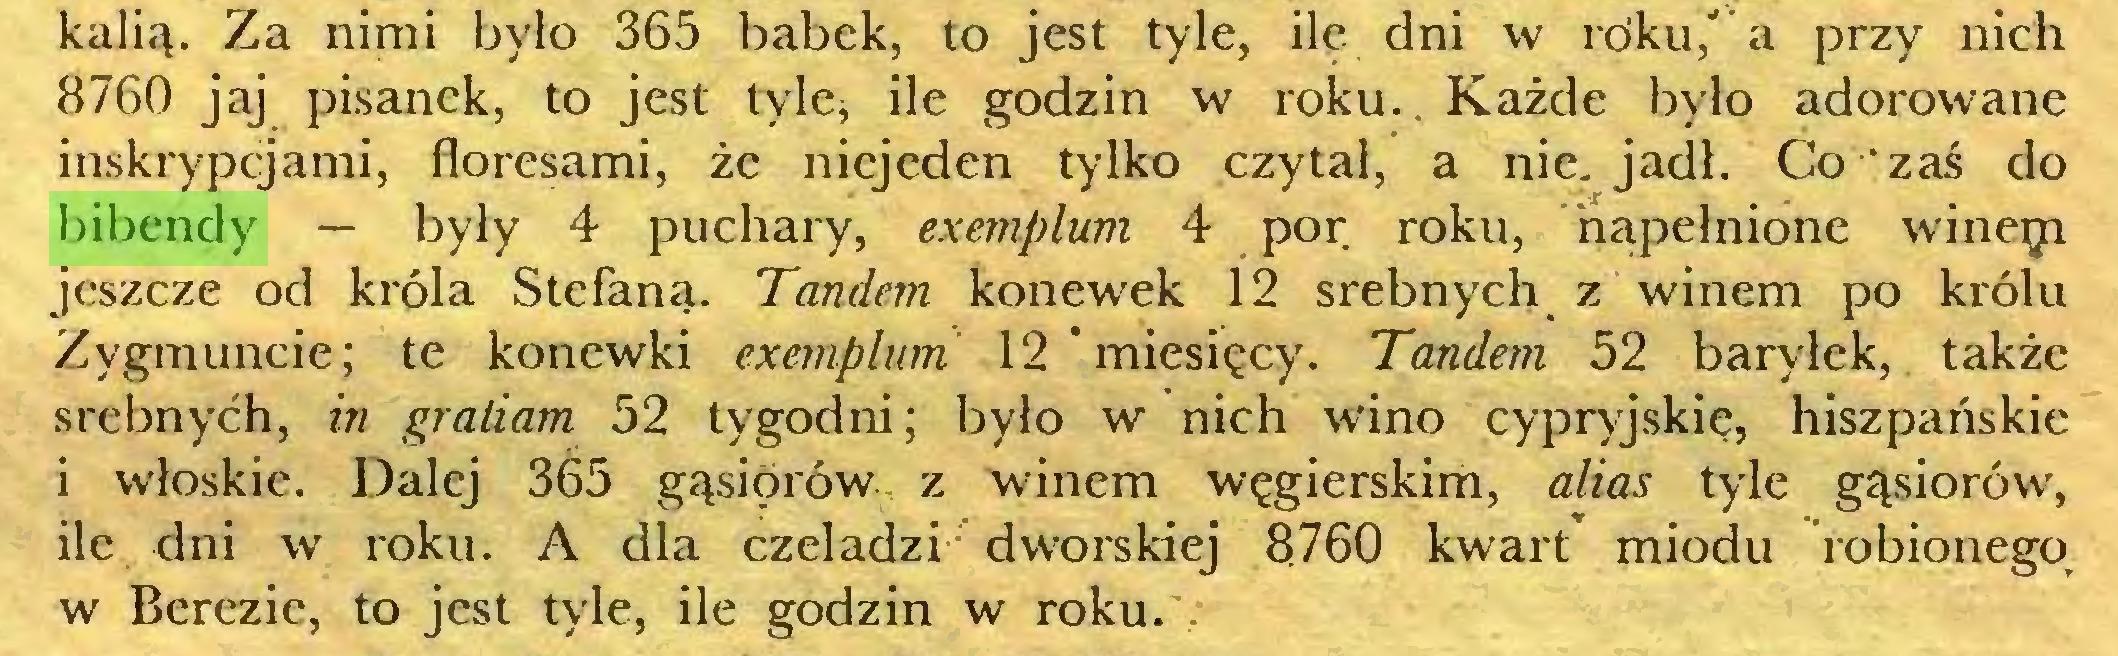 (...) kalią. Za nimi było 365 babek, to jest tyle, ile dni w roku,' a przy nich 8760 jaj pisanek, to jest tyle* ile godzin w roku.. Każde było adorowane inskrypcjami, floresami, że niejeden tylko czytał, a nie. jadł. Co zaś do bibendy — były 4 puchary, exemplum 4 por roku, napełnione wineęi jeszcze od króla Stefana. Tandem konewek 12 srebnych z winem po królu Zygmuncie; te konewki exemplum 12 miesięcy. Tandem 52 baryłek, także srebnych, in graliam 52 tygodni; było w nich wino cypryjskie, hiszpańskie i włoskie. Dalej 365 gąsiorów z winem węgierskim, alias tyle gąsiorów, ile dni w roku. A dla czeladzi dworskiej 8760 kwart miodu robionego w Berezie, to jest tyle, ile godzin w roku...